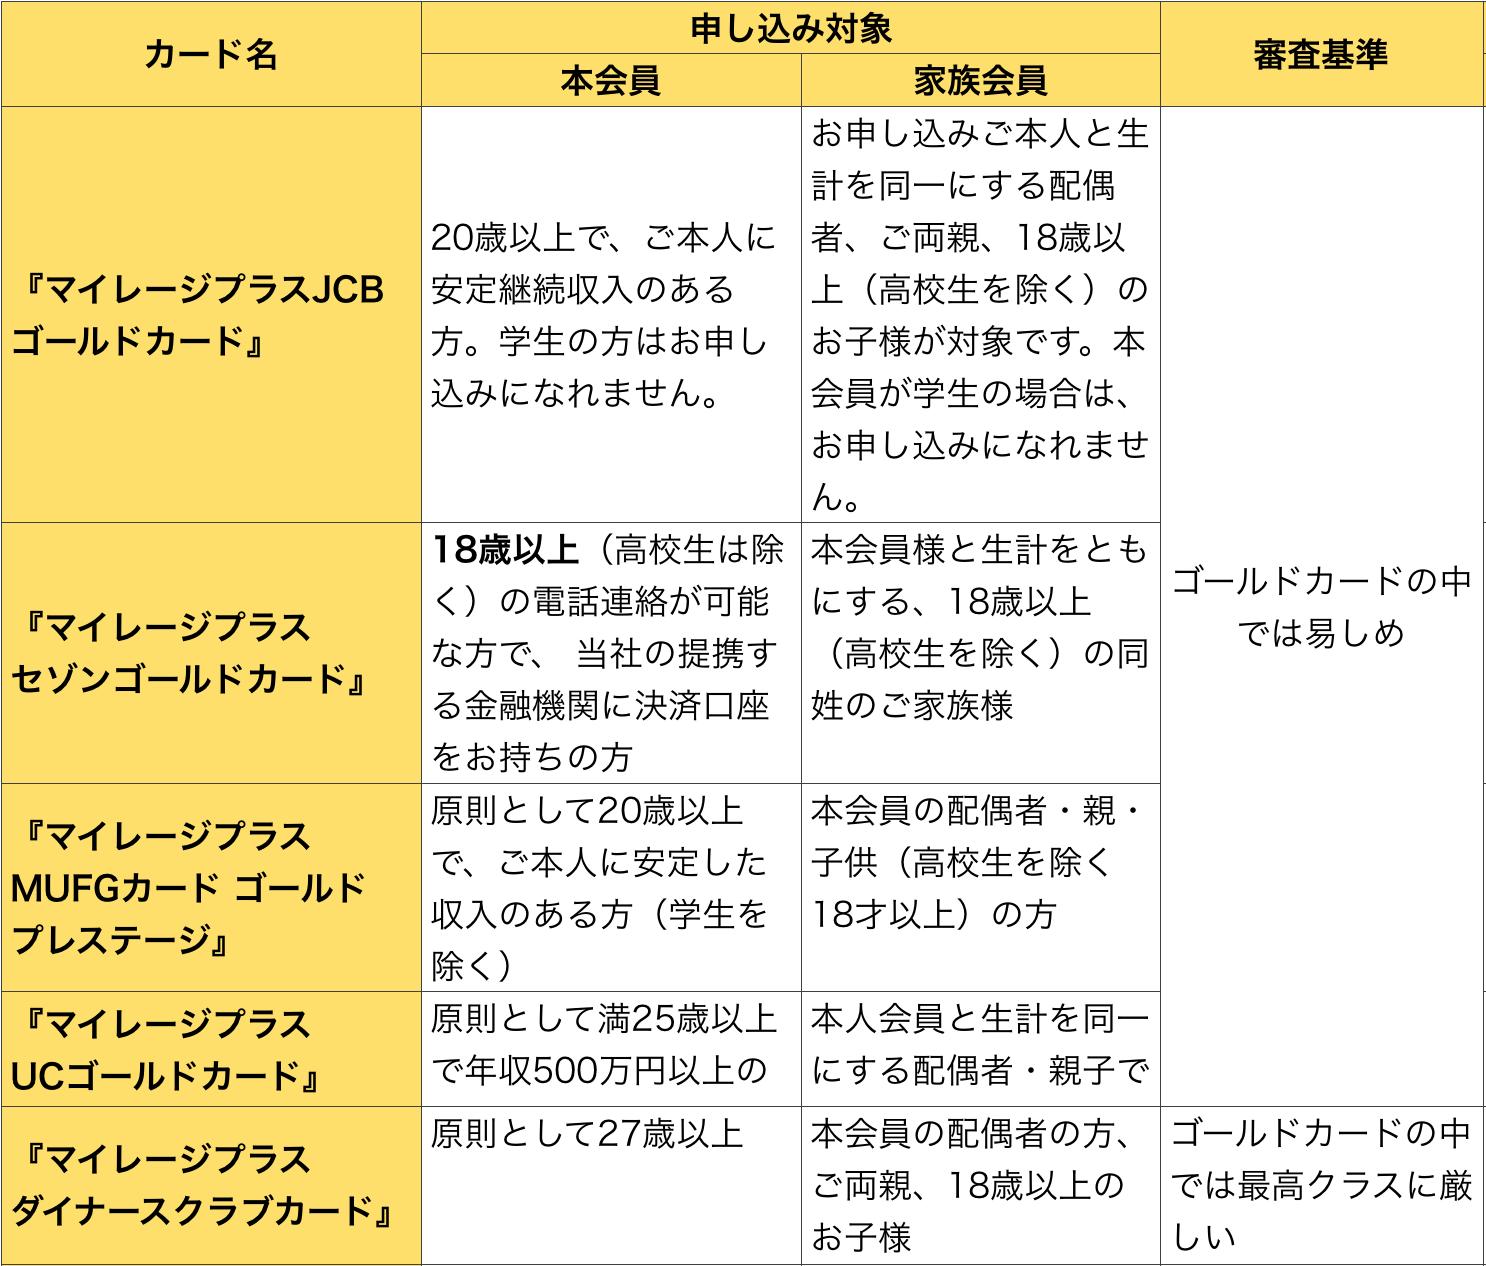 マイレージプラスゴールドカード 申し込み資格・審査難易度3